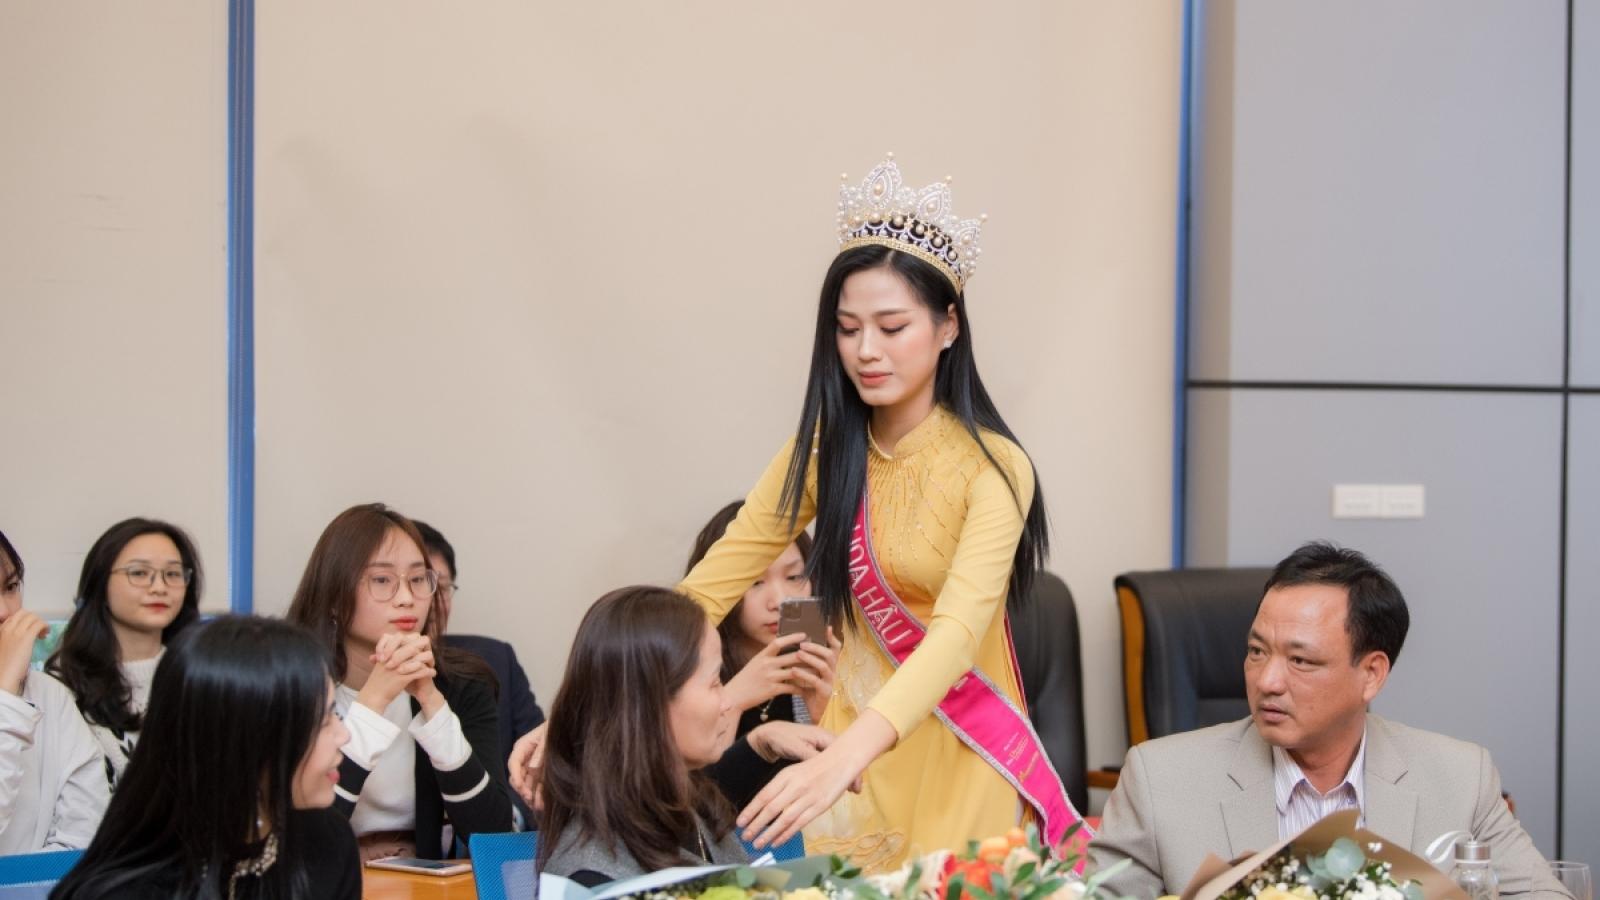 Chuyện showbiz: Hoa hậu Đỗ Thị Hà bật khóc khi về lại trường KTQD